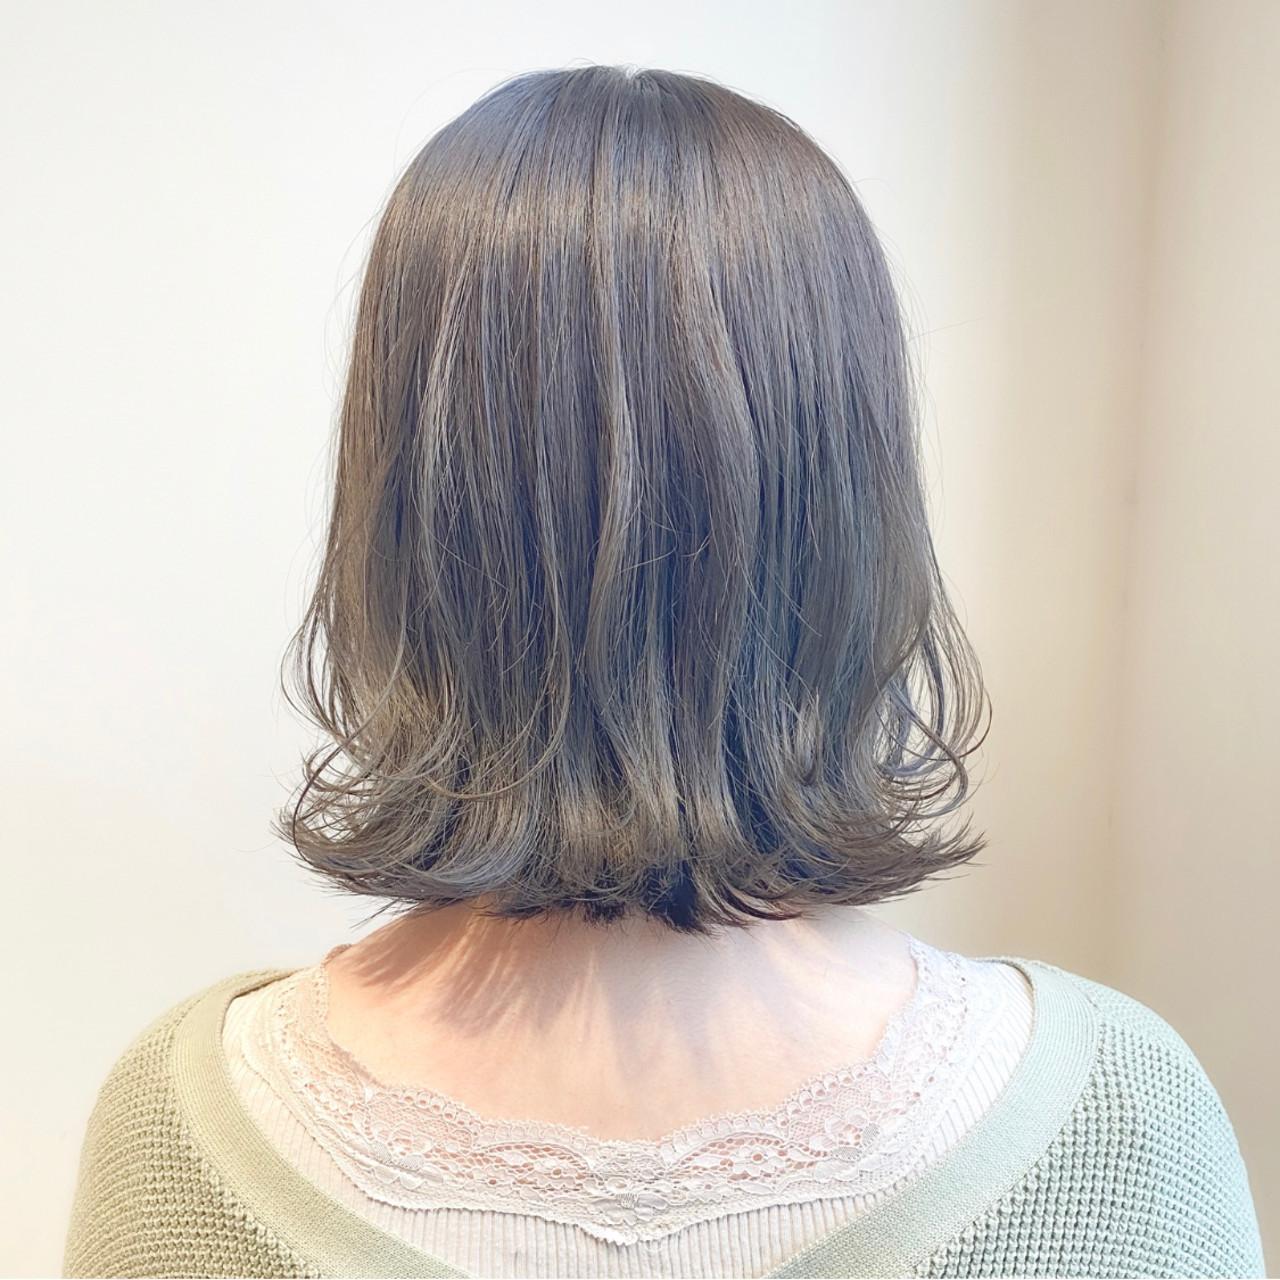 切りっぱなしボブ 透明感カラー ミントアッシュ ミニボブ ヘアスタイルや髪型の写真・画像